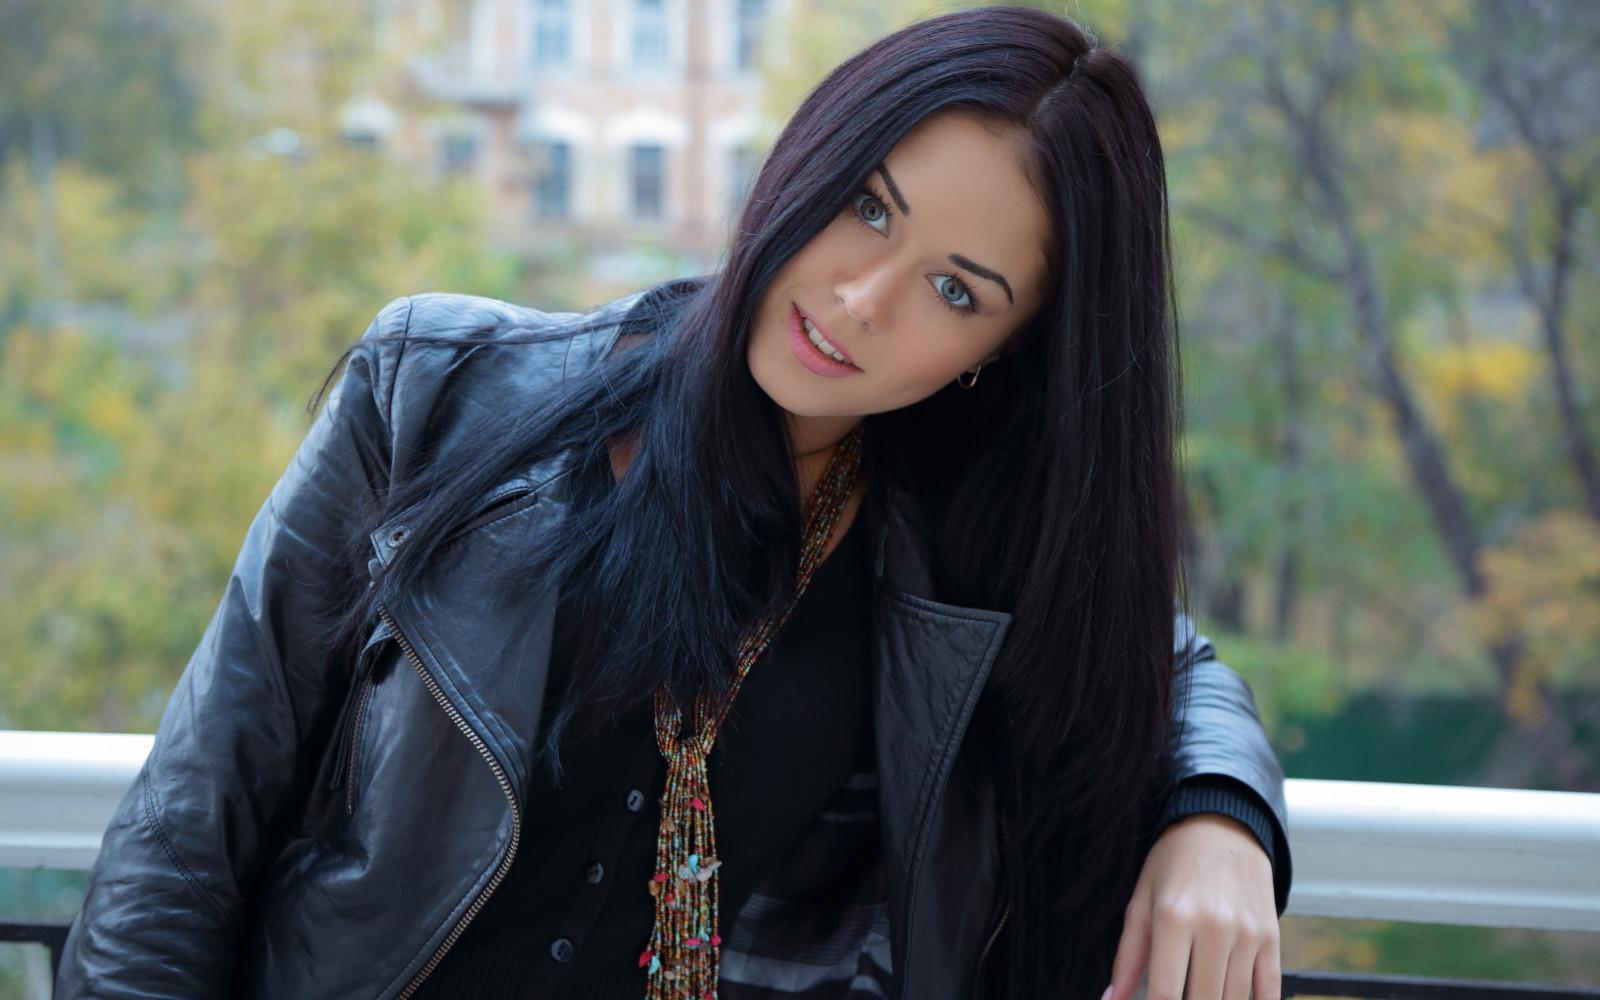 смотреть фото самых красивых девушек брюнеток нерусских девочка